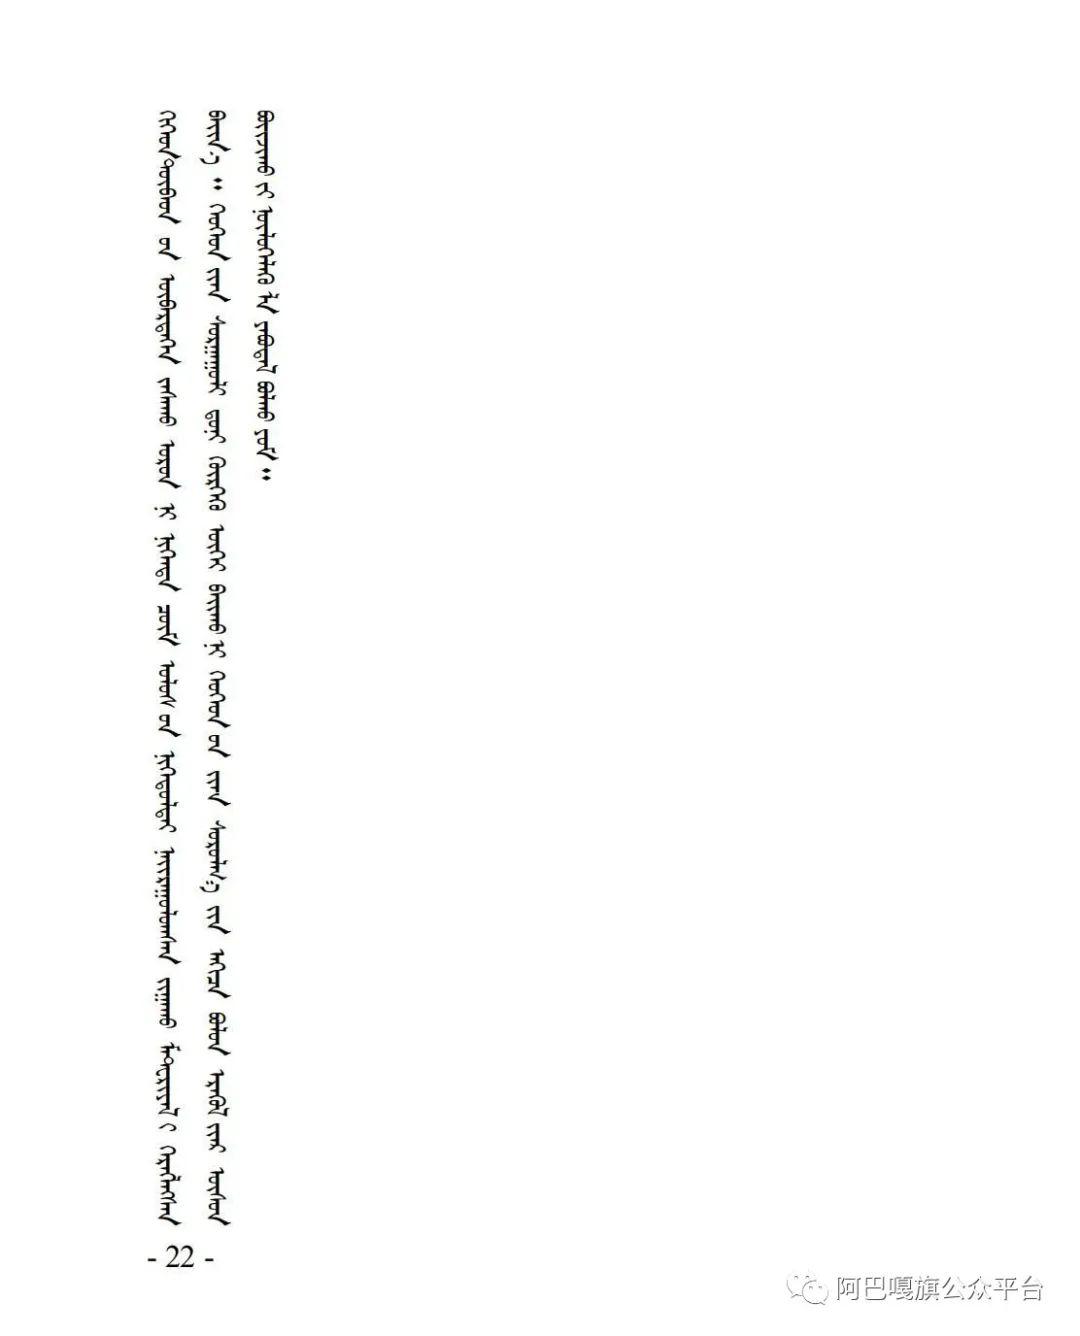 """锡林郭勒盟使用国家统编教材""""有问必答""""(第一期)(蒙汉文) 第22张 锡林郭勒盟使用国家统编教材""""有问必答""""(第一期)(蒙汉文) 蒙古文库"""